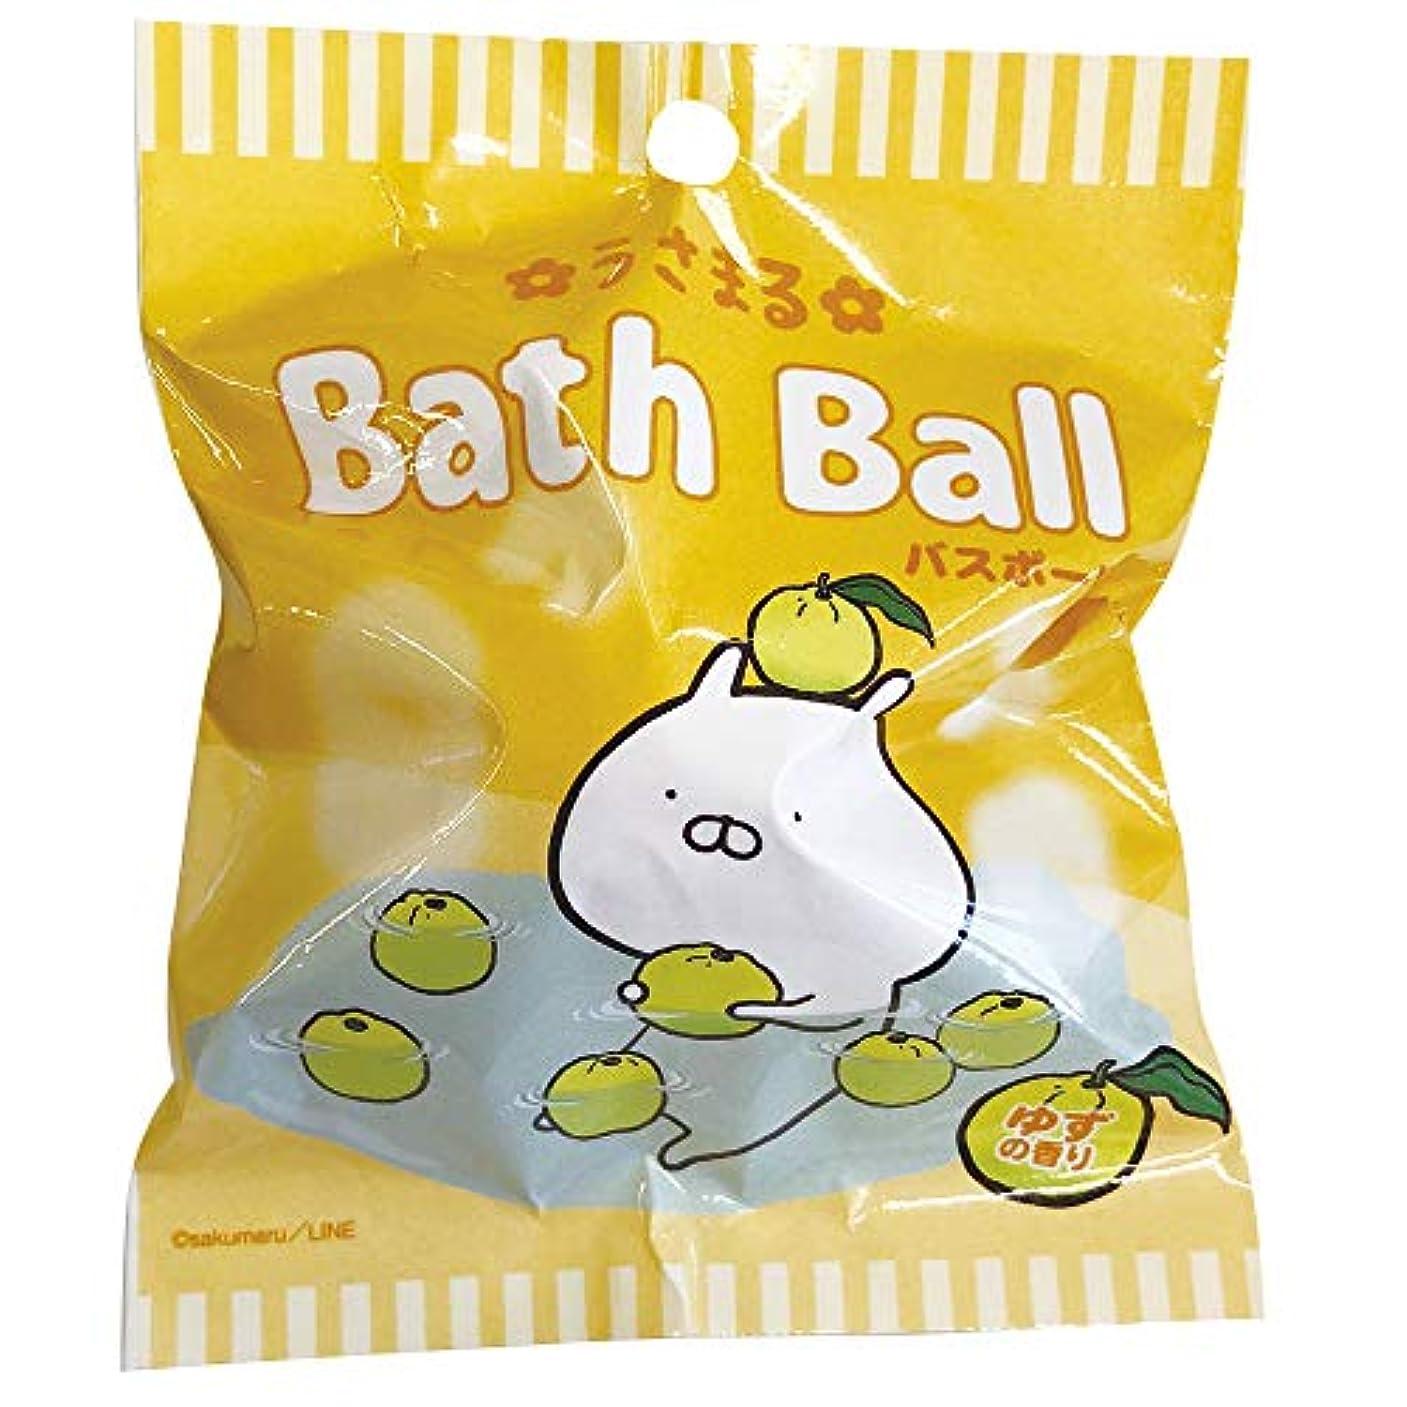 特性いわゆるホイストうさまる 入浴剤 バスボール おまけ付き ゆずの香り 60g ABD-020-001